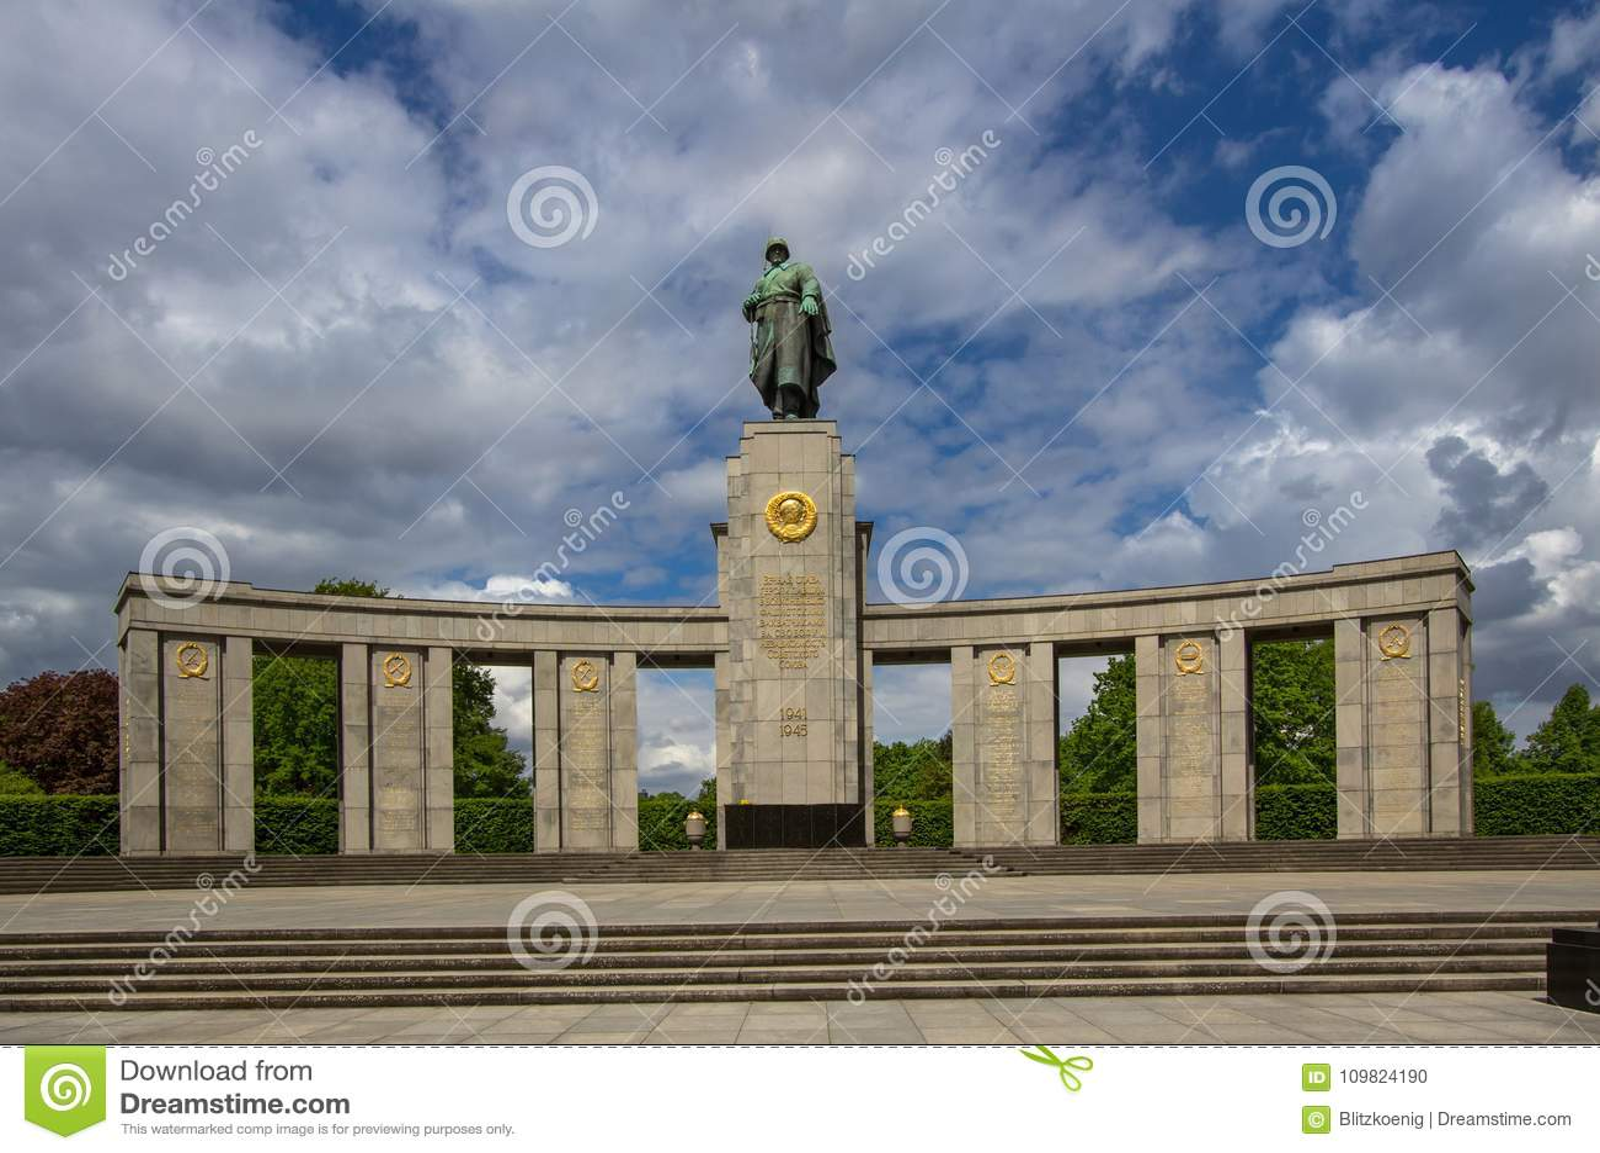 Monumento De Guerra Sovietico En Tiergarten En Berlin Central